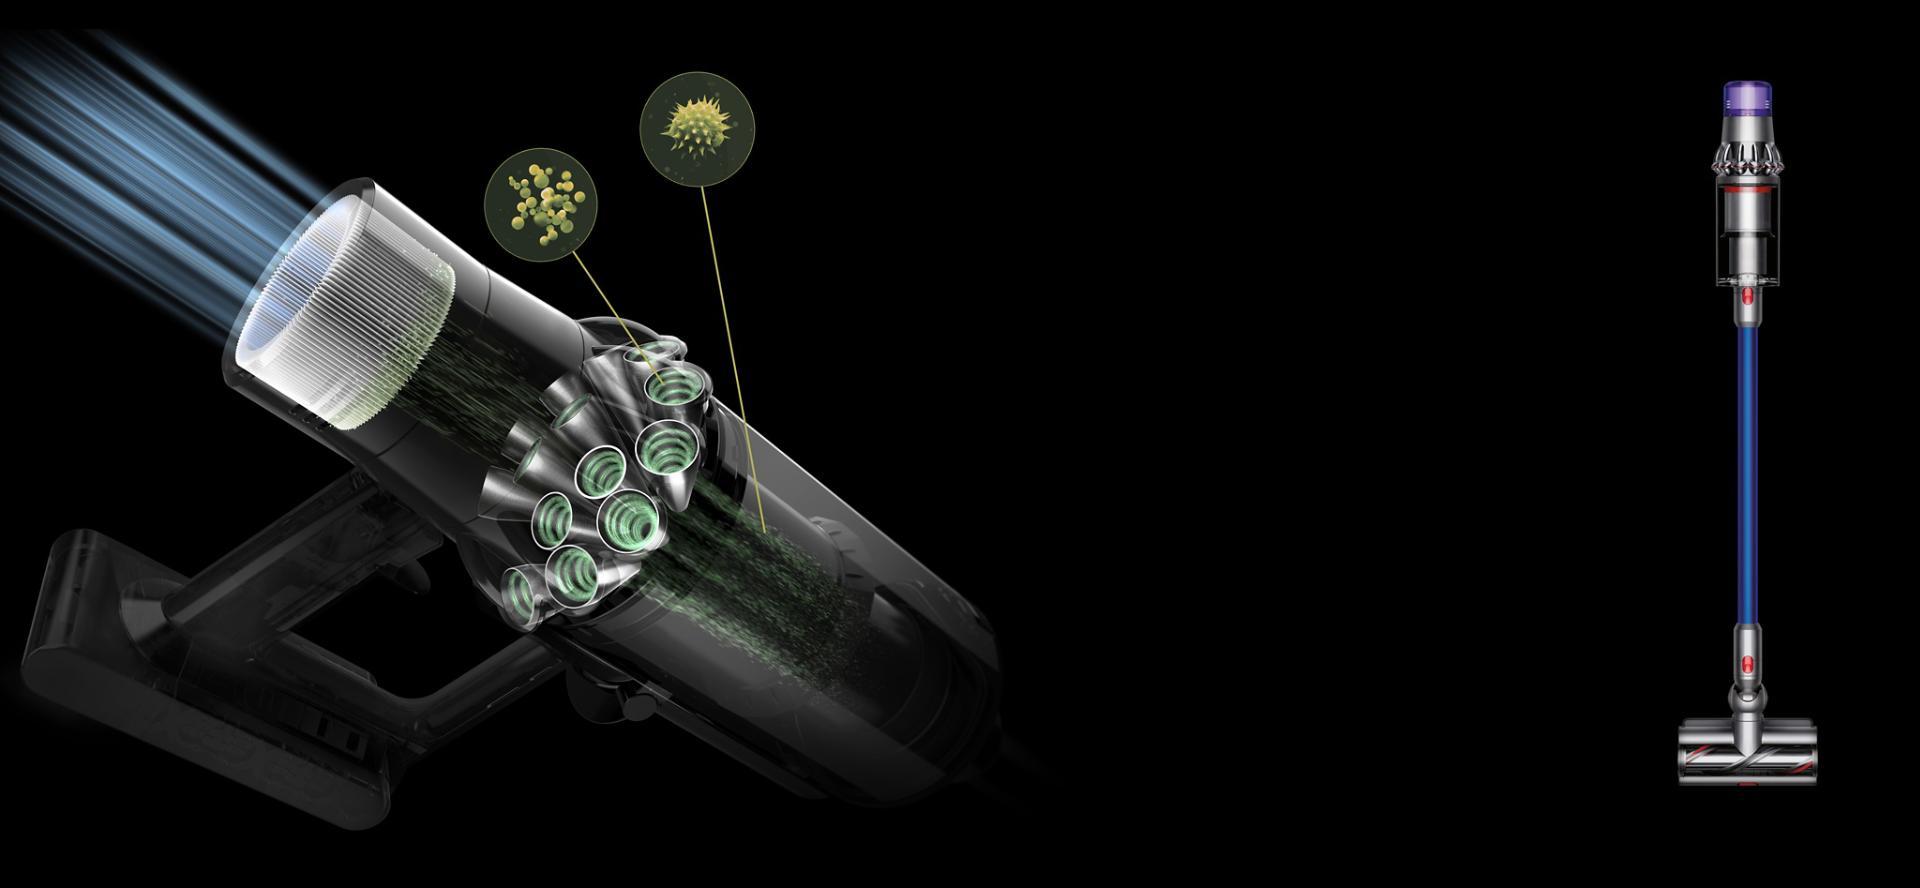 חתך מערכת הסינון בעלת ששת השלבים של שואב האבק ™Dyson V11.